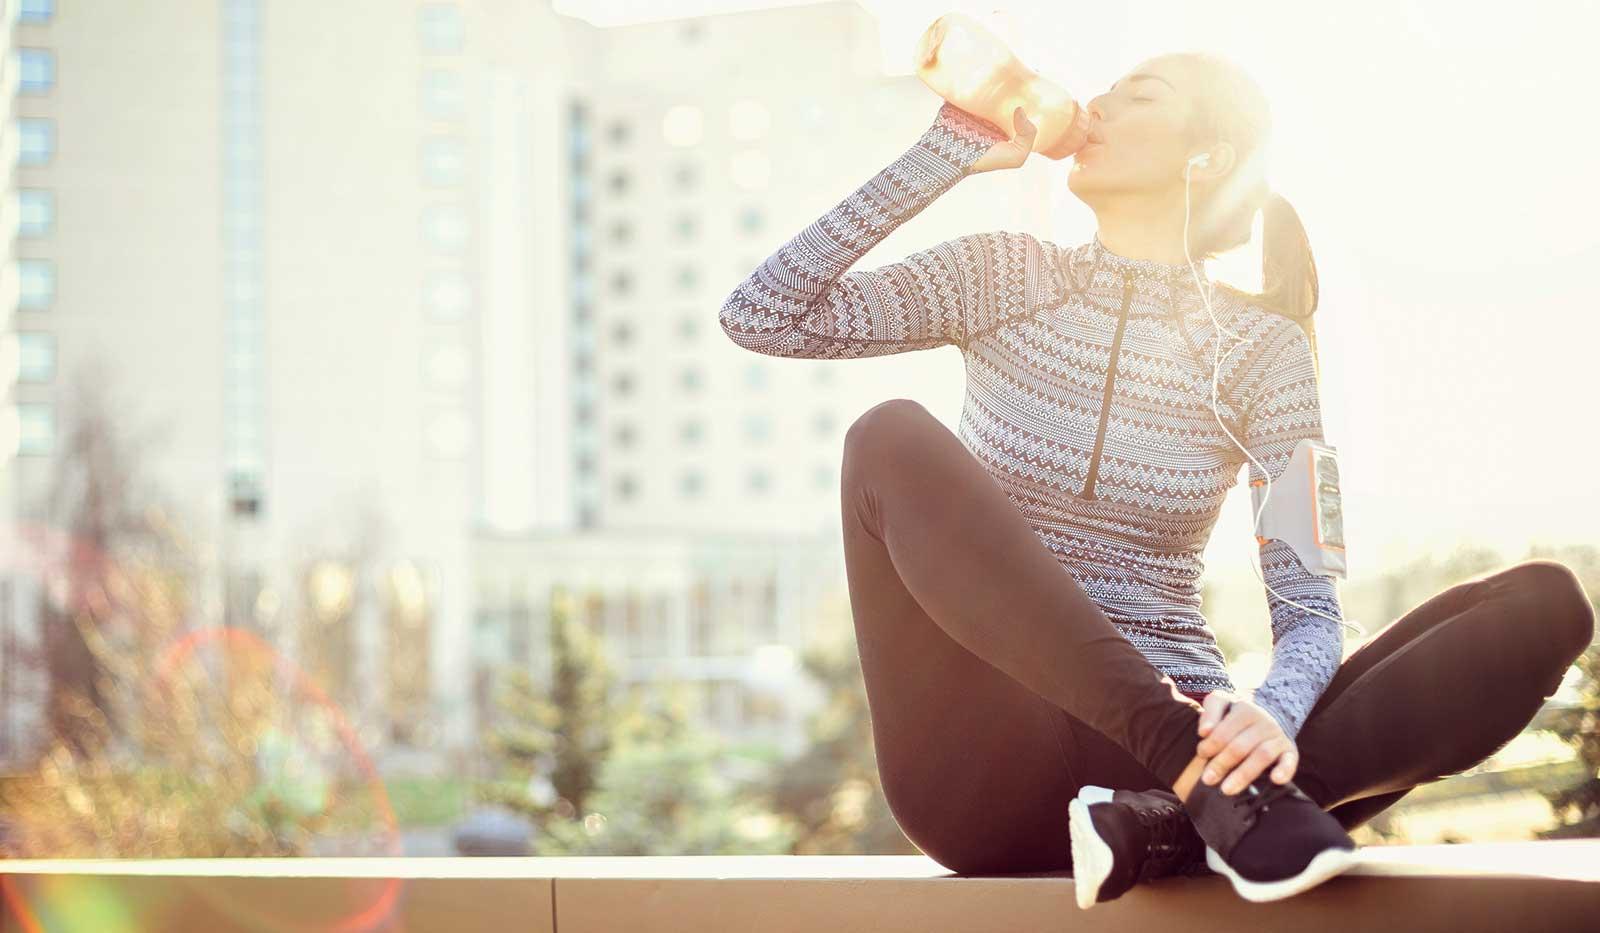 Frau in sportlicher Kleidung trinkt aus Trinkflasche